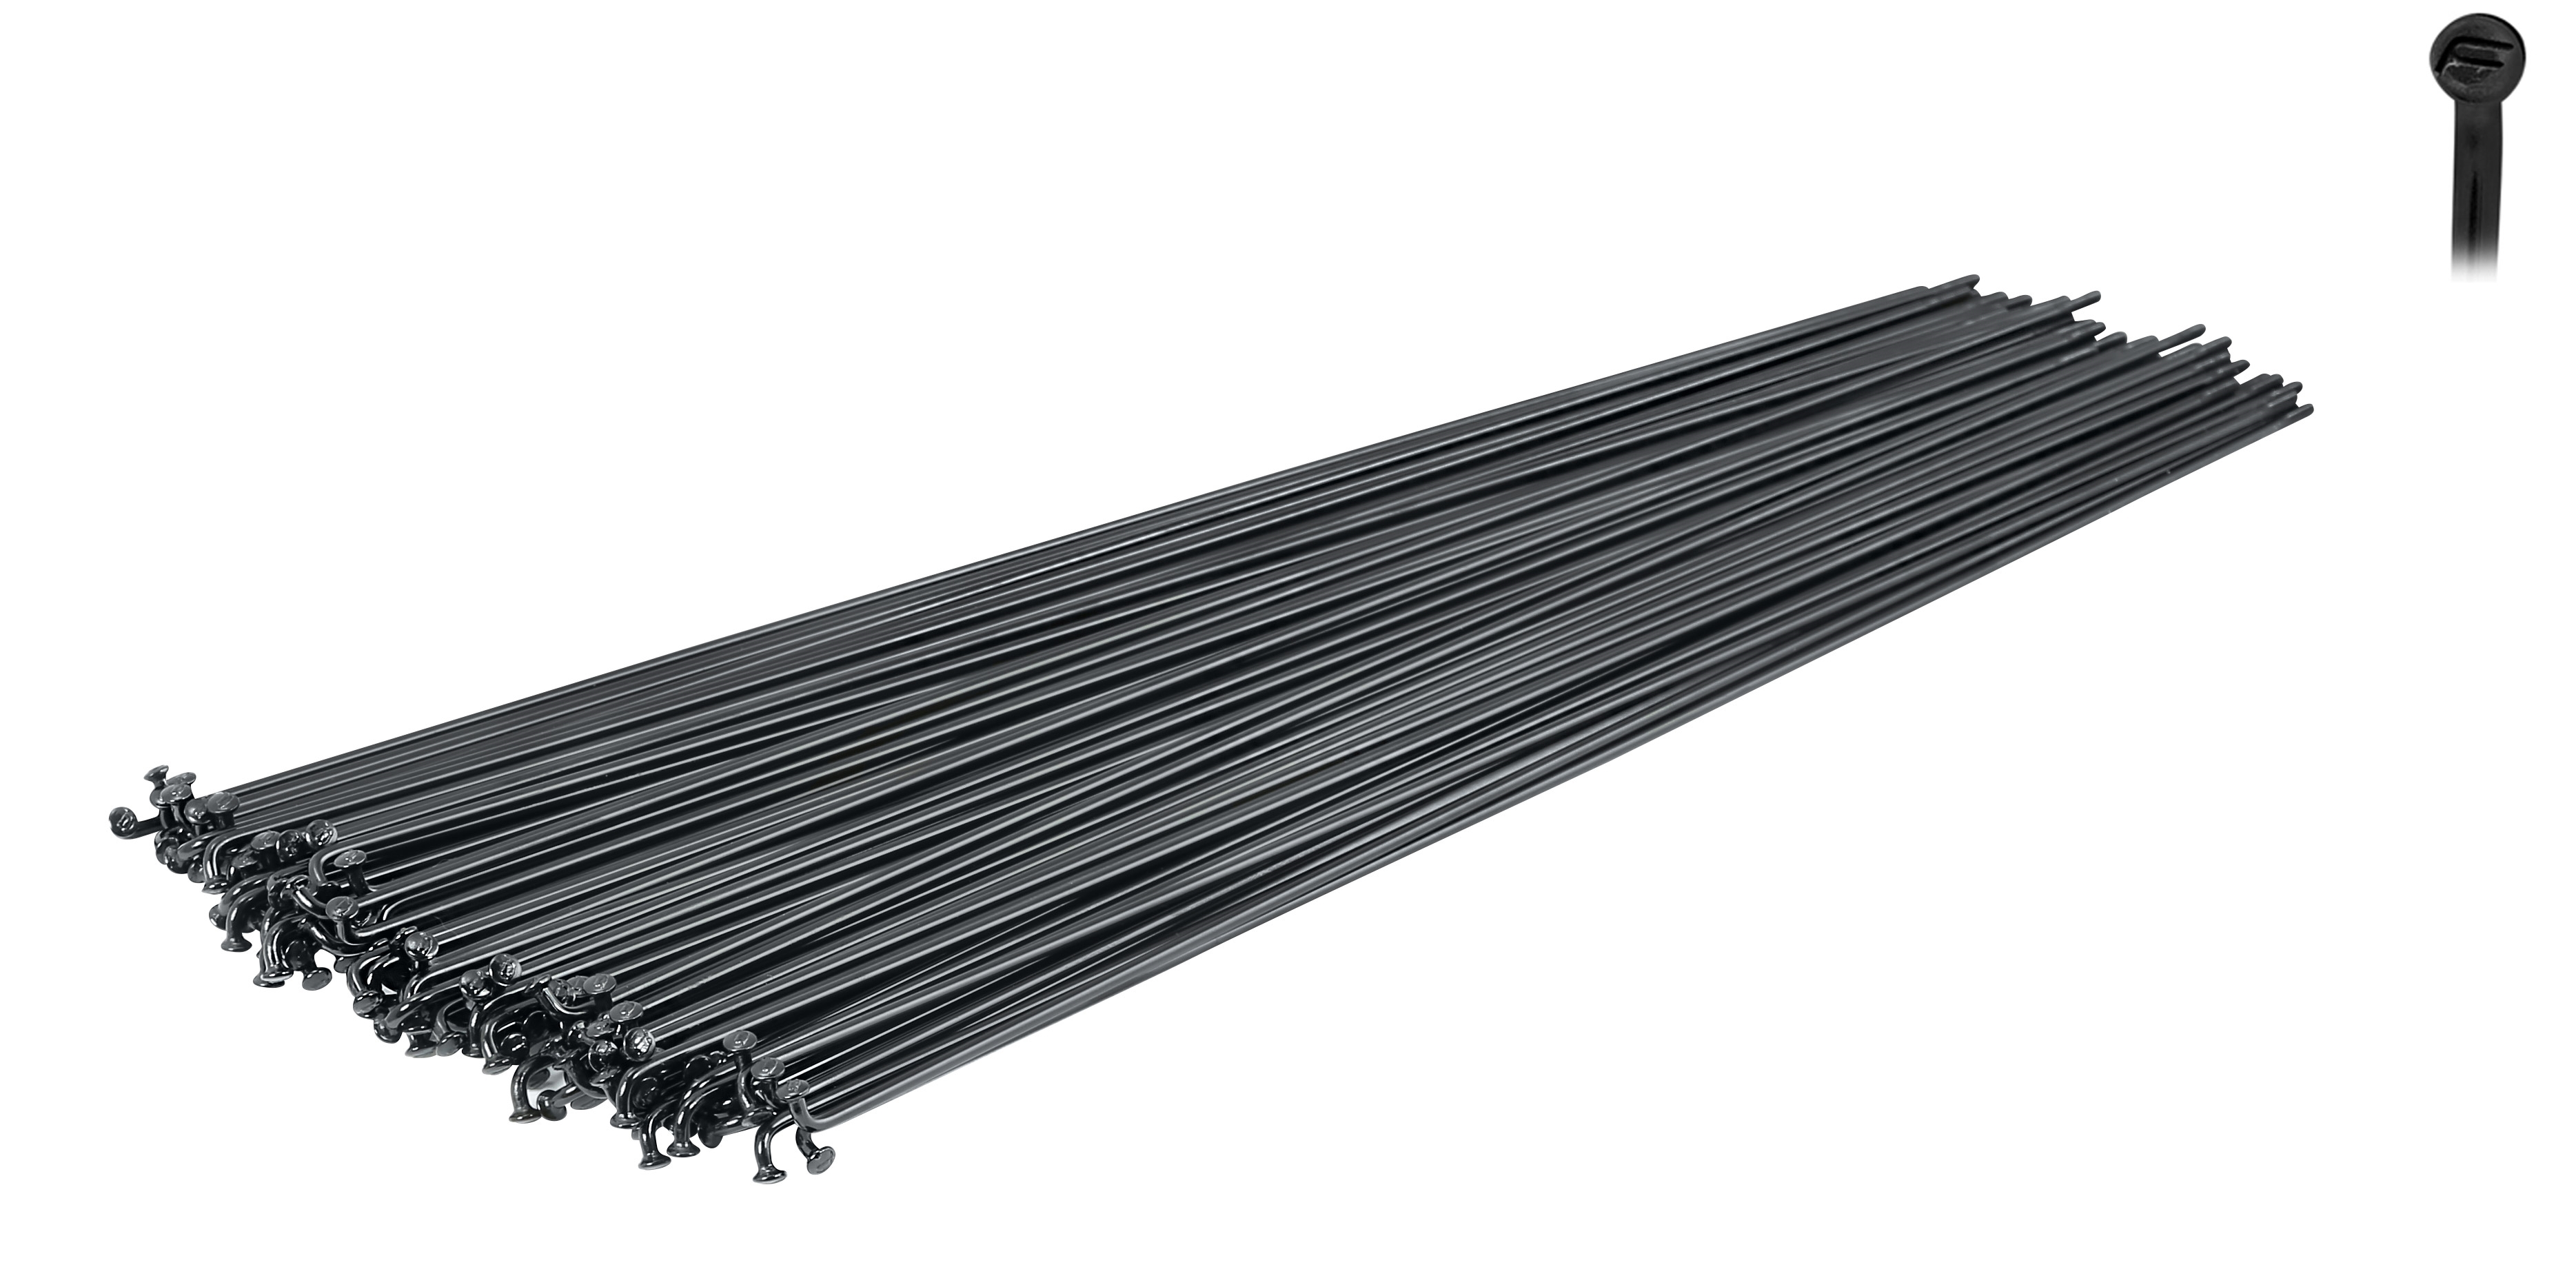 dráty FORCE nerez černé 2 mm x 288 mm